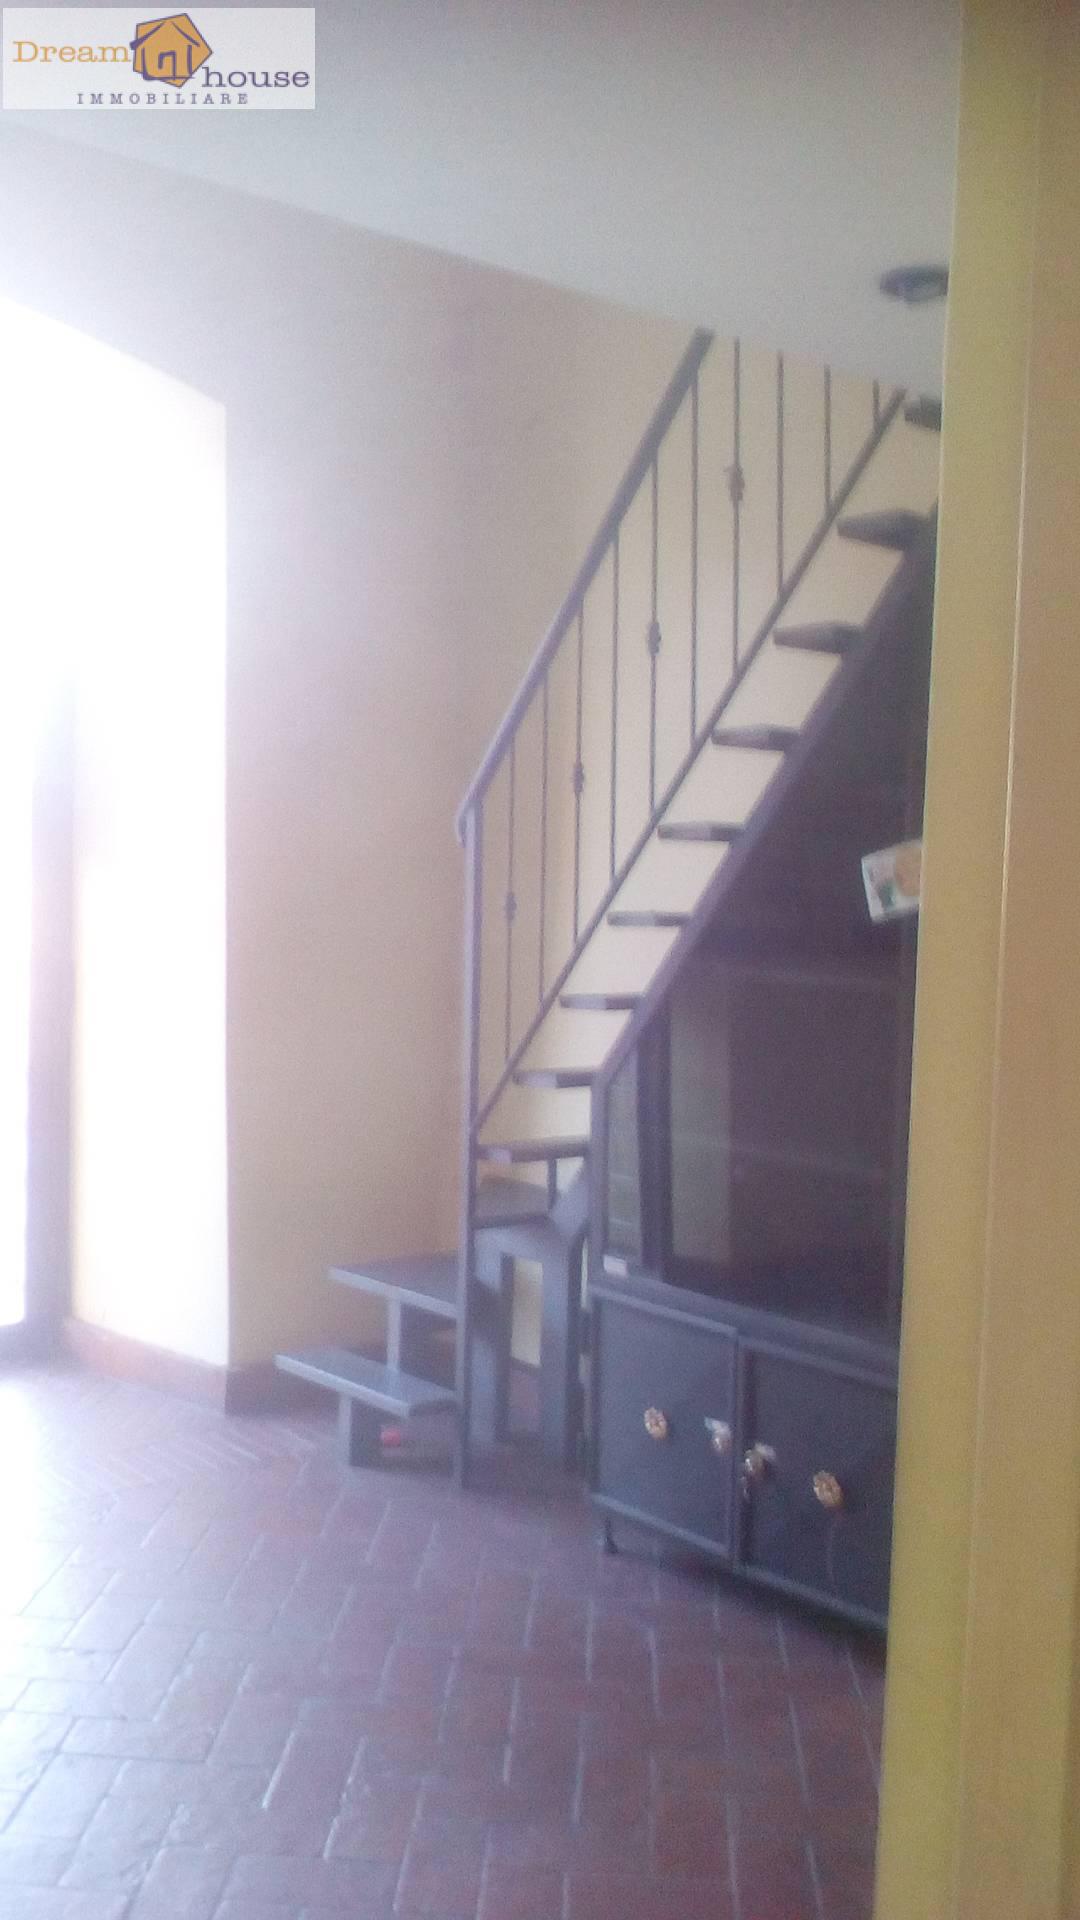 Negozio / Locale in affitto a Genzano di Roma, 9999 locali, prezzo € 450 | CambioCasa.it